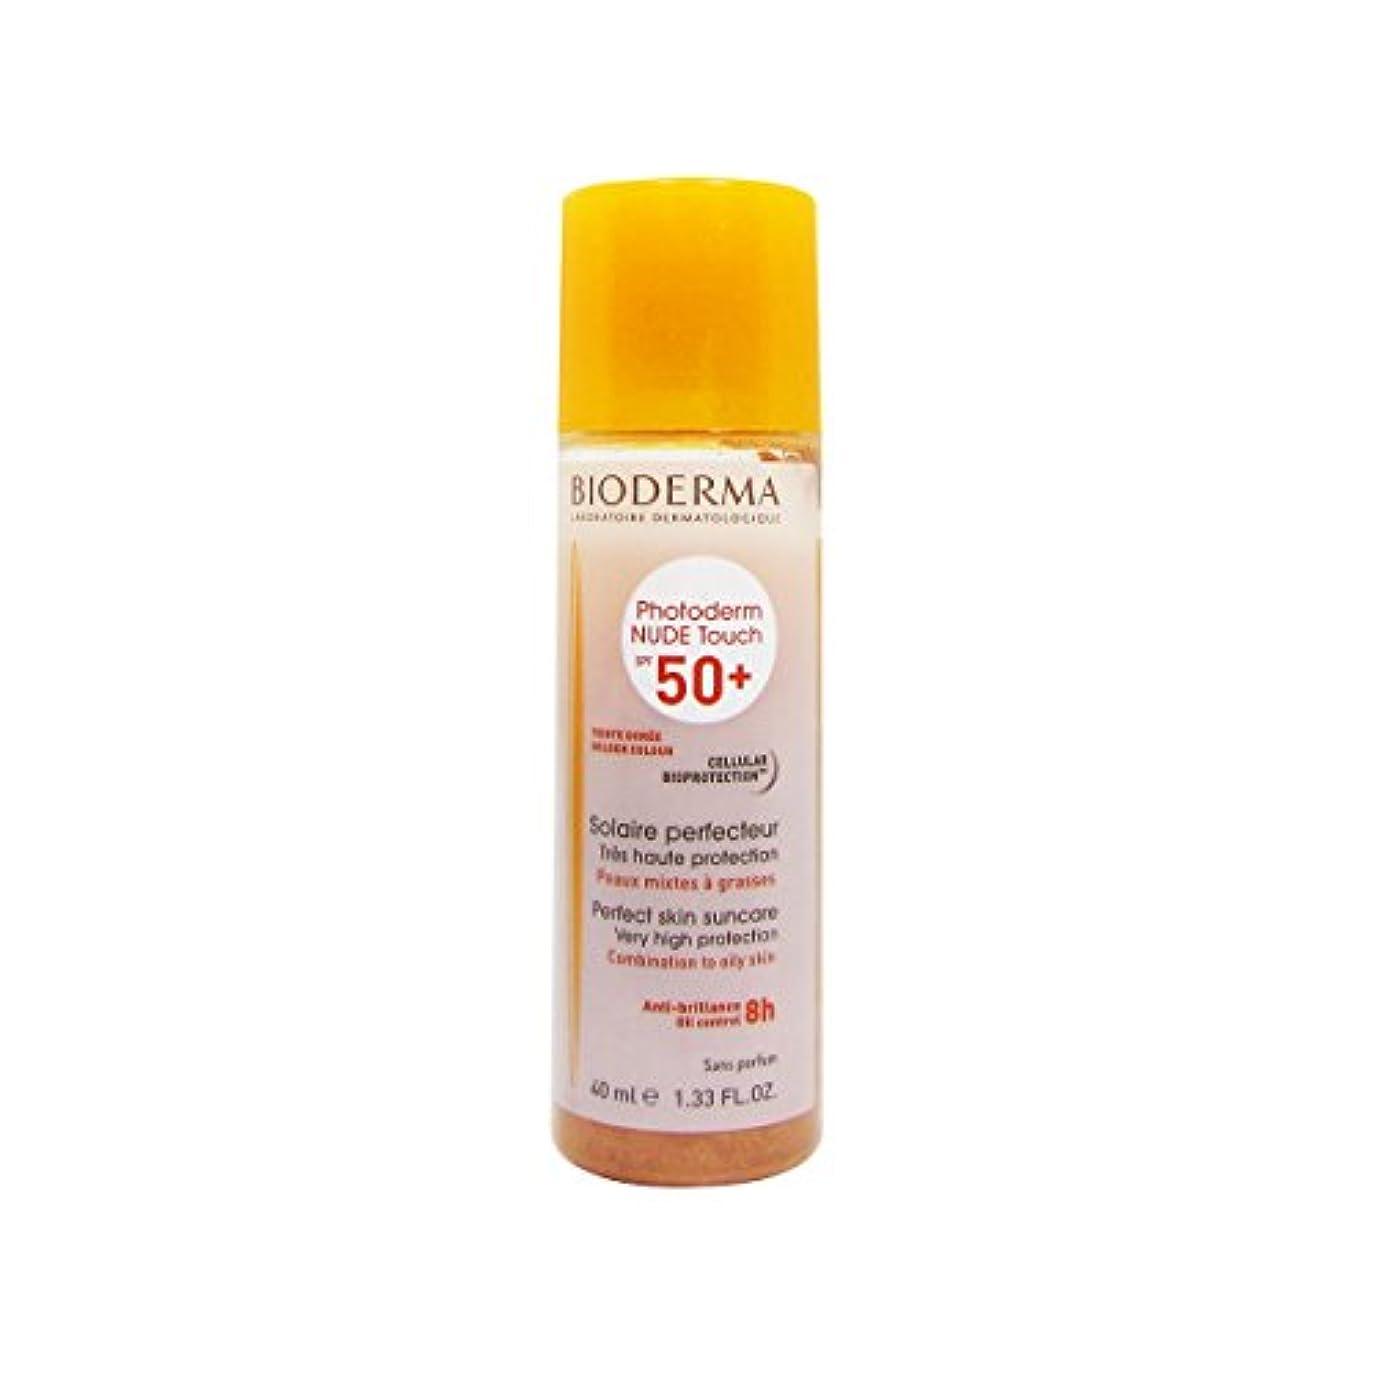 バリケード警戒のホストBioderma Photoderm Nude Touch Spf50 + Golden 40ml [並行輸入品]